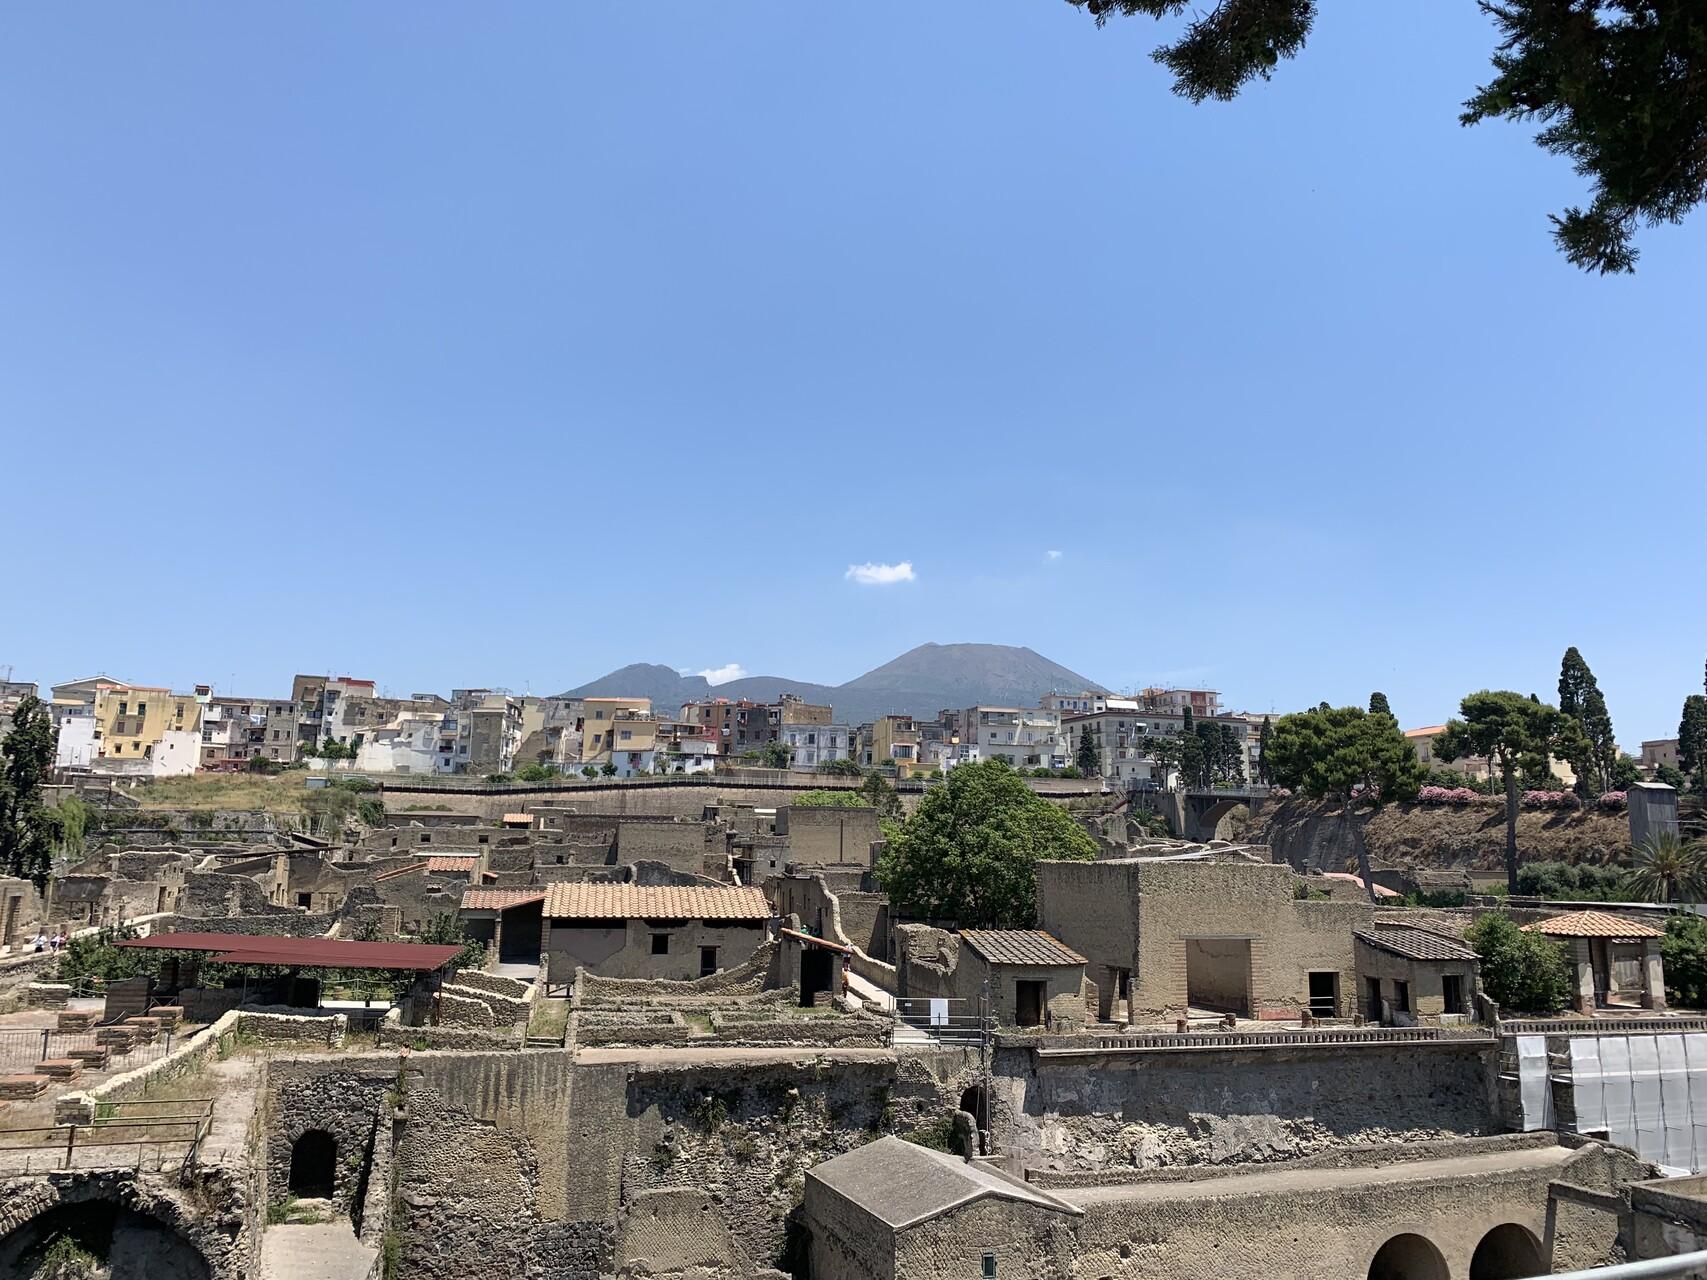 Vulkan, Toskana, St. Bernhard